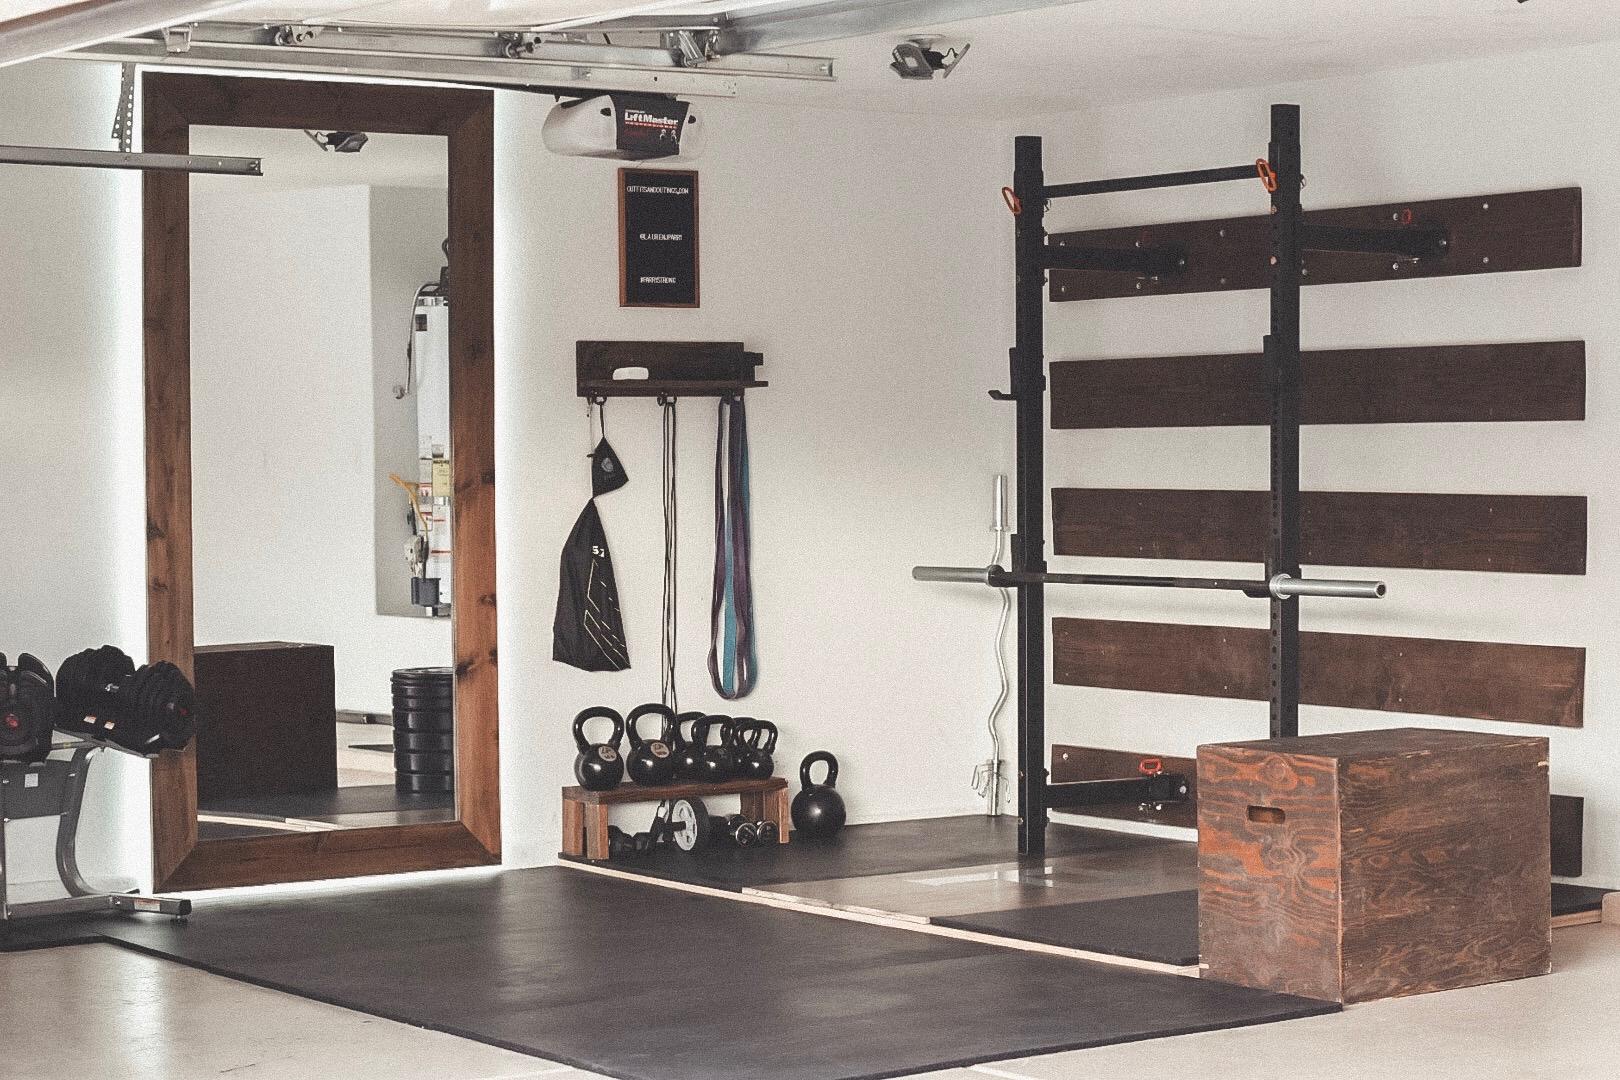 Garage gym ideas garage plans with lift also diy garage gym ideas